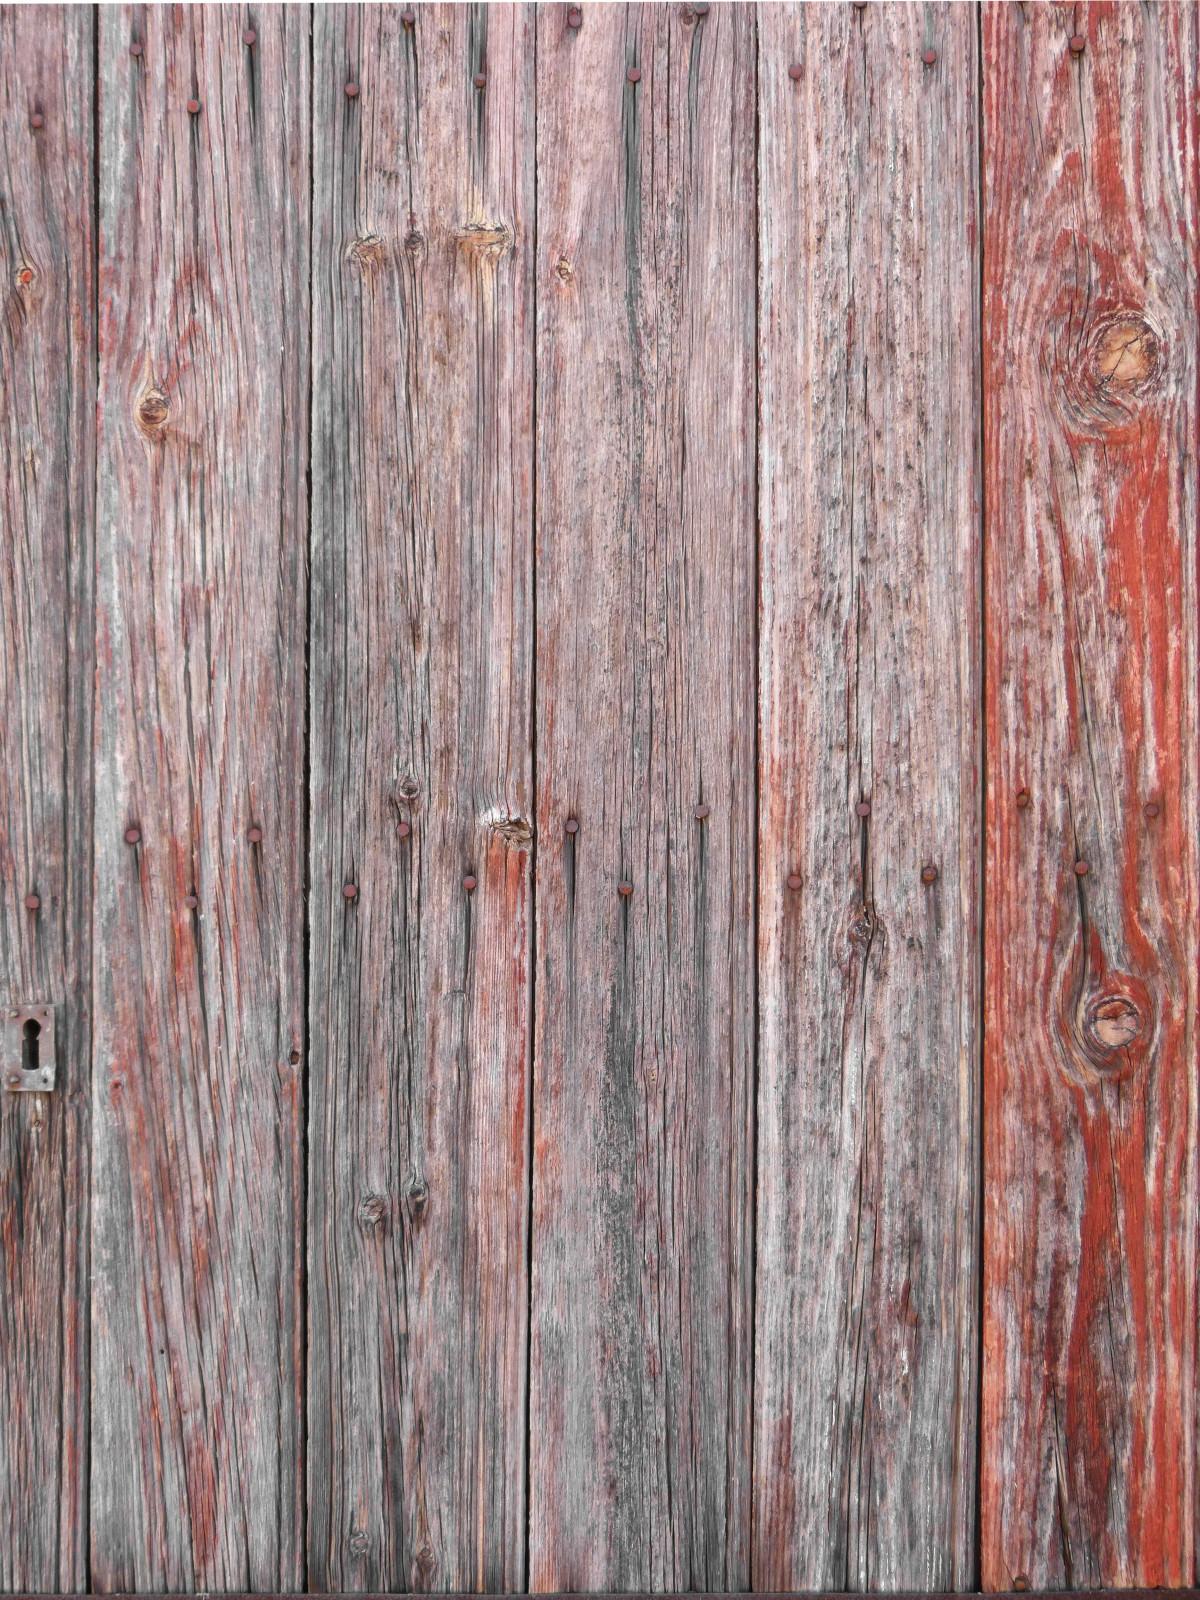 รูปภาพ เนื้อไม้ เนื้อผ้า ไม้กระดาน ชั้น ผนัง สีแดง